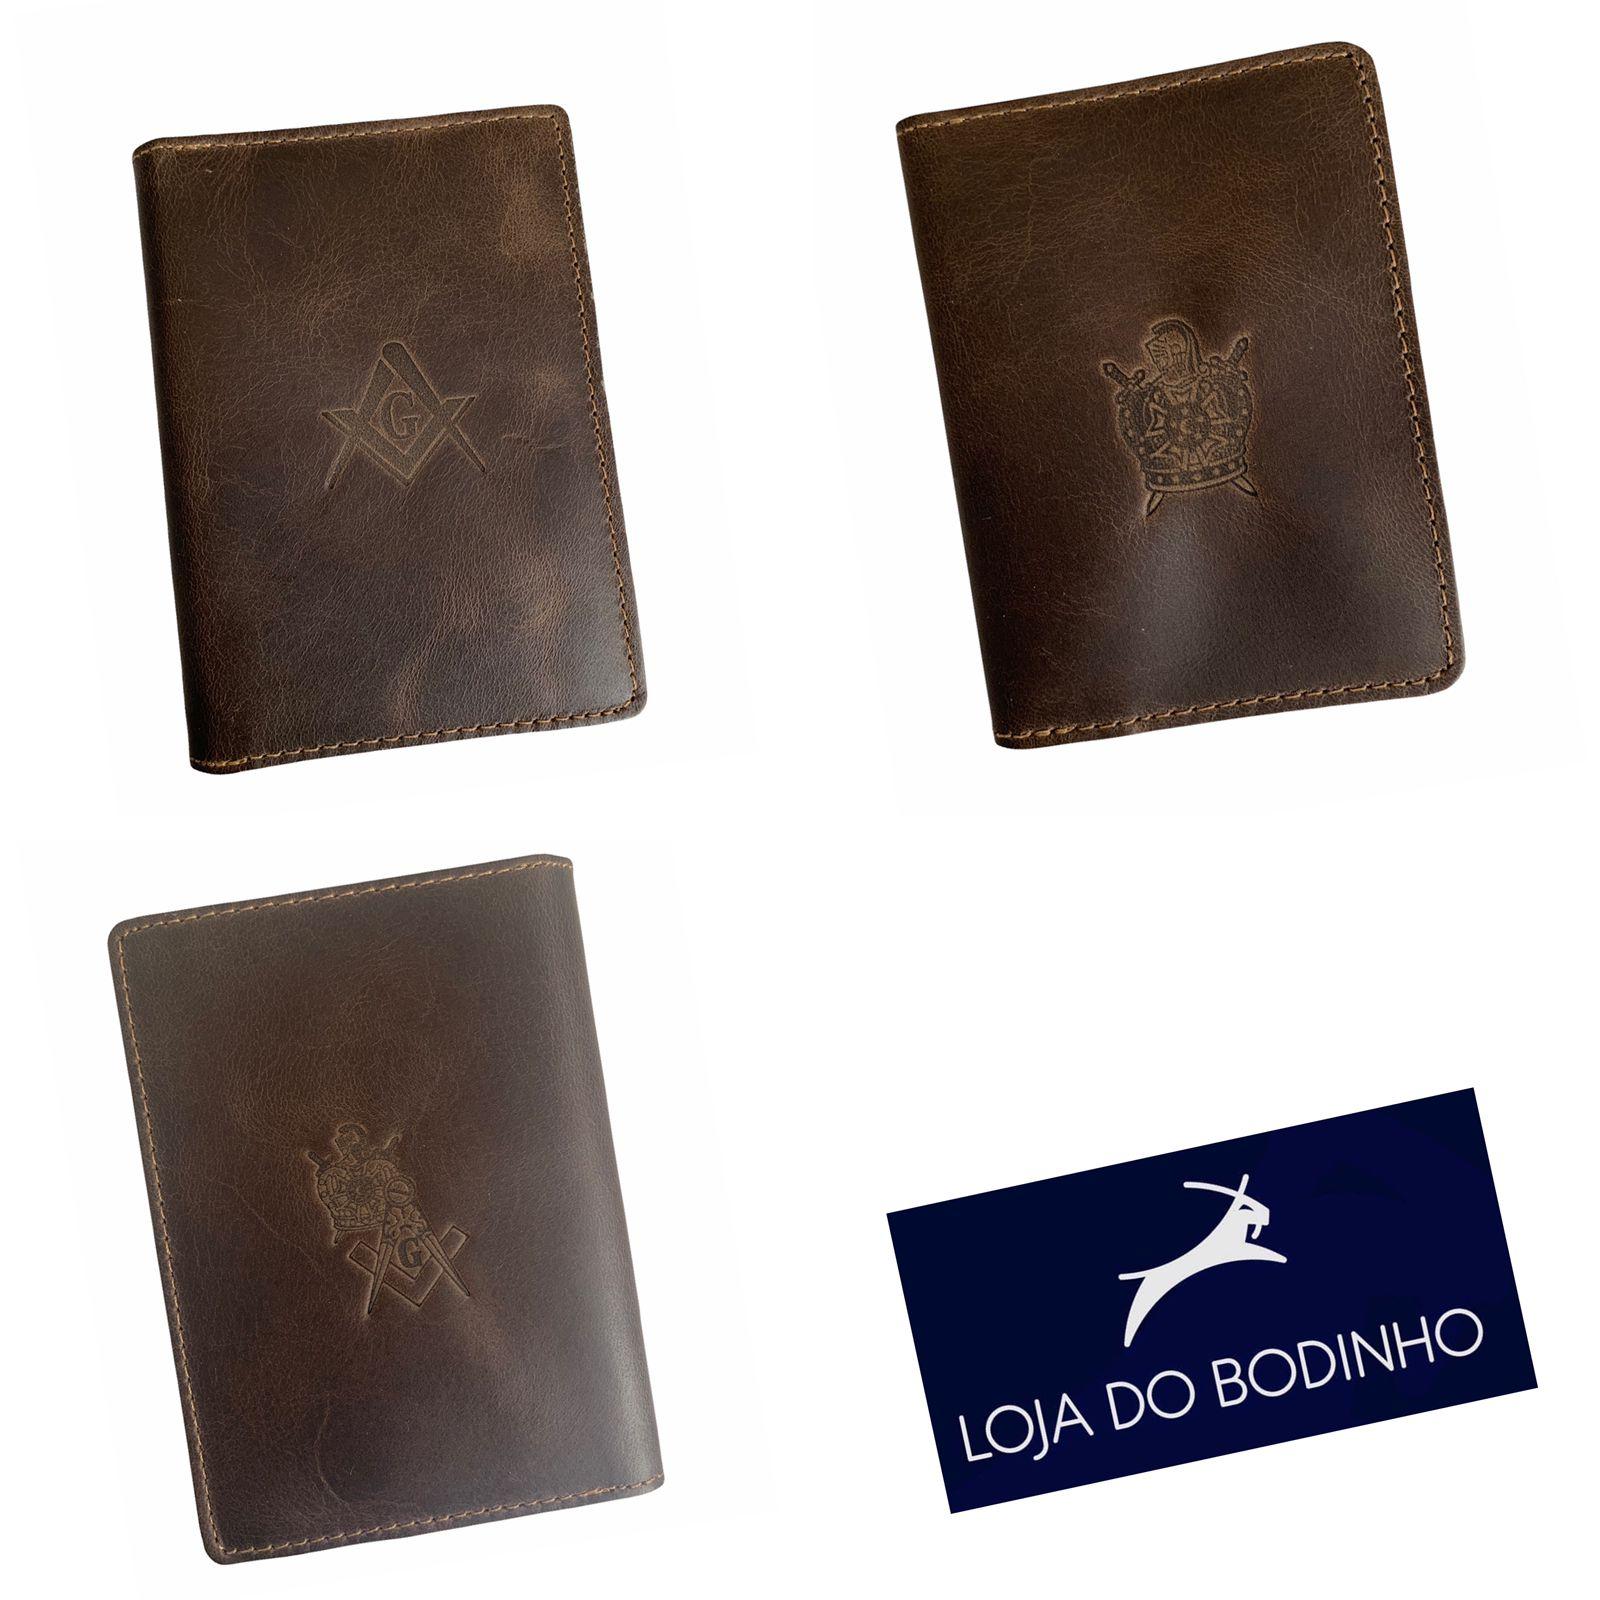 Carteira e Porta Documentos Slim (fininha) - Escolha a estampa - 100% Couro Legítimo - Marrom Escuro